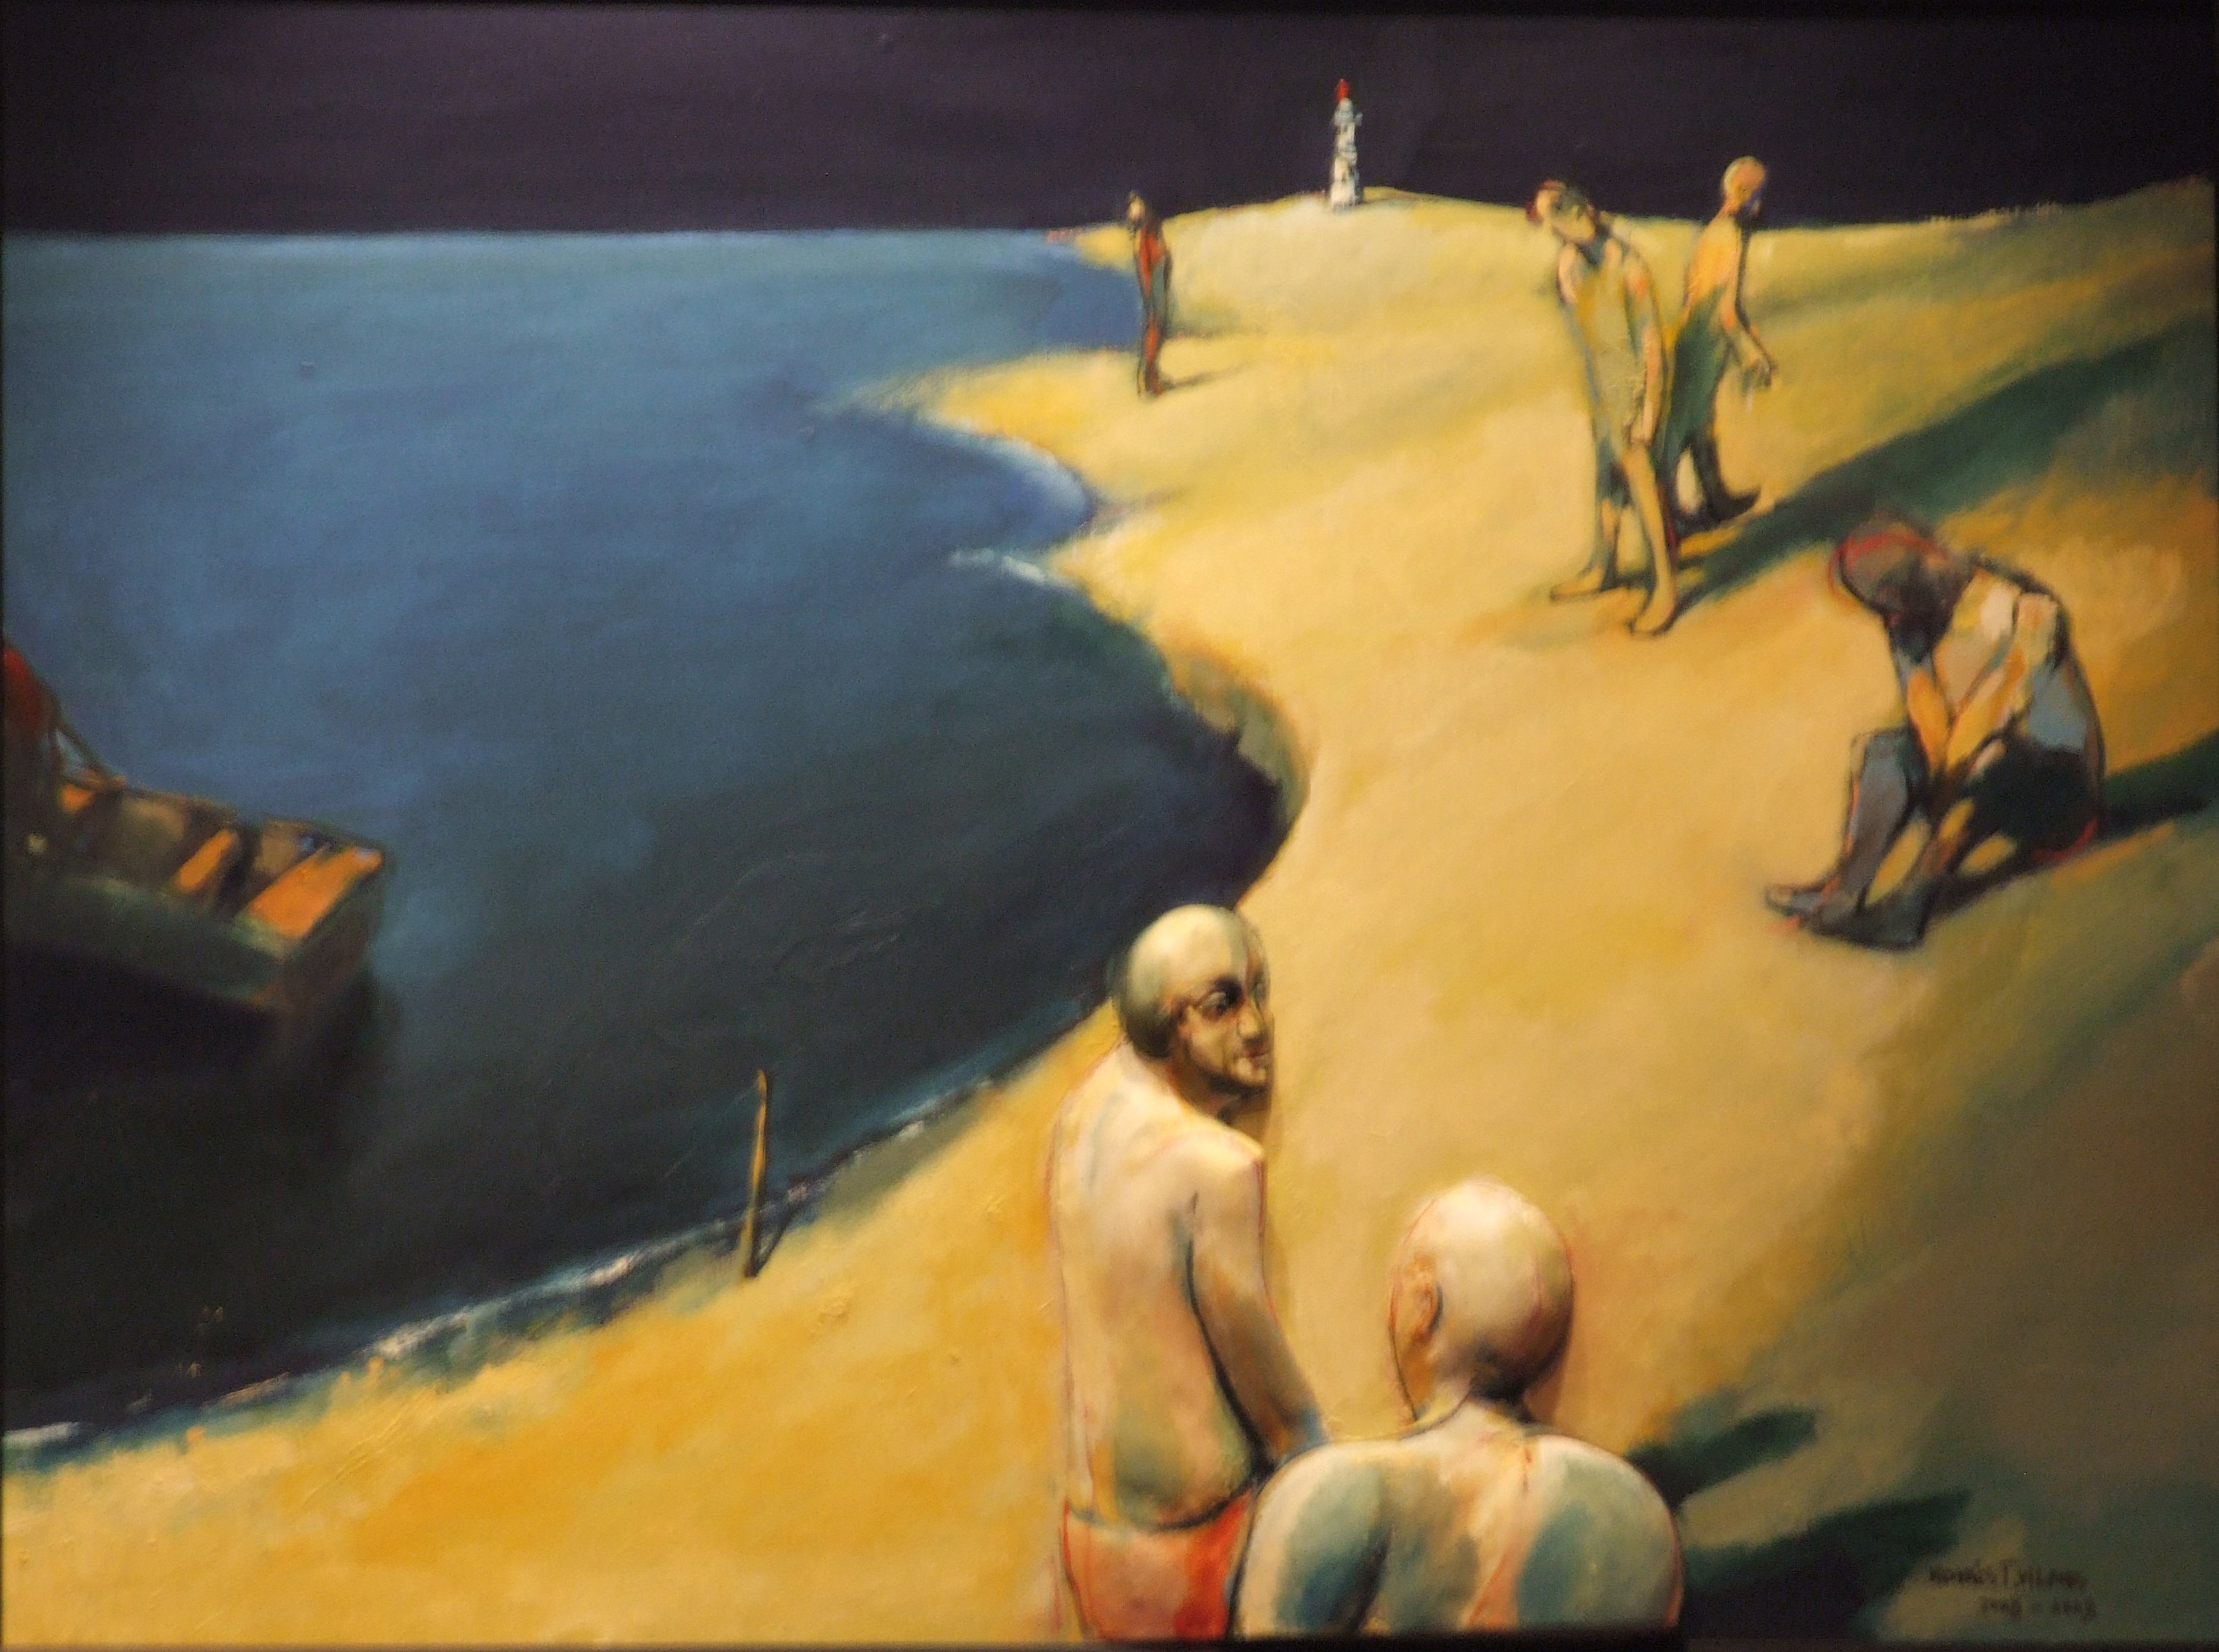 Kovács, Tamás Vilmos: Memories from the seashore